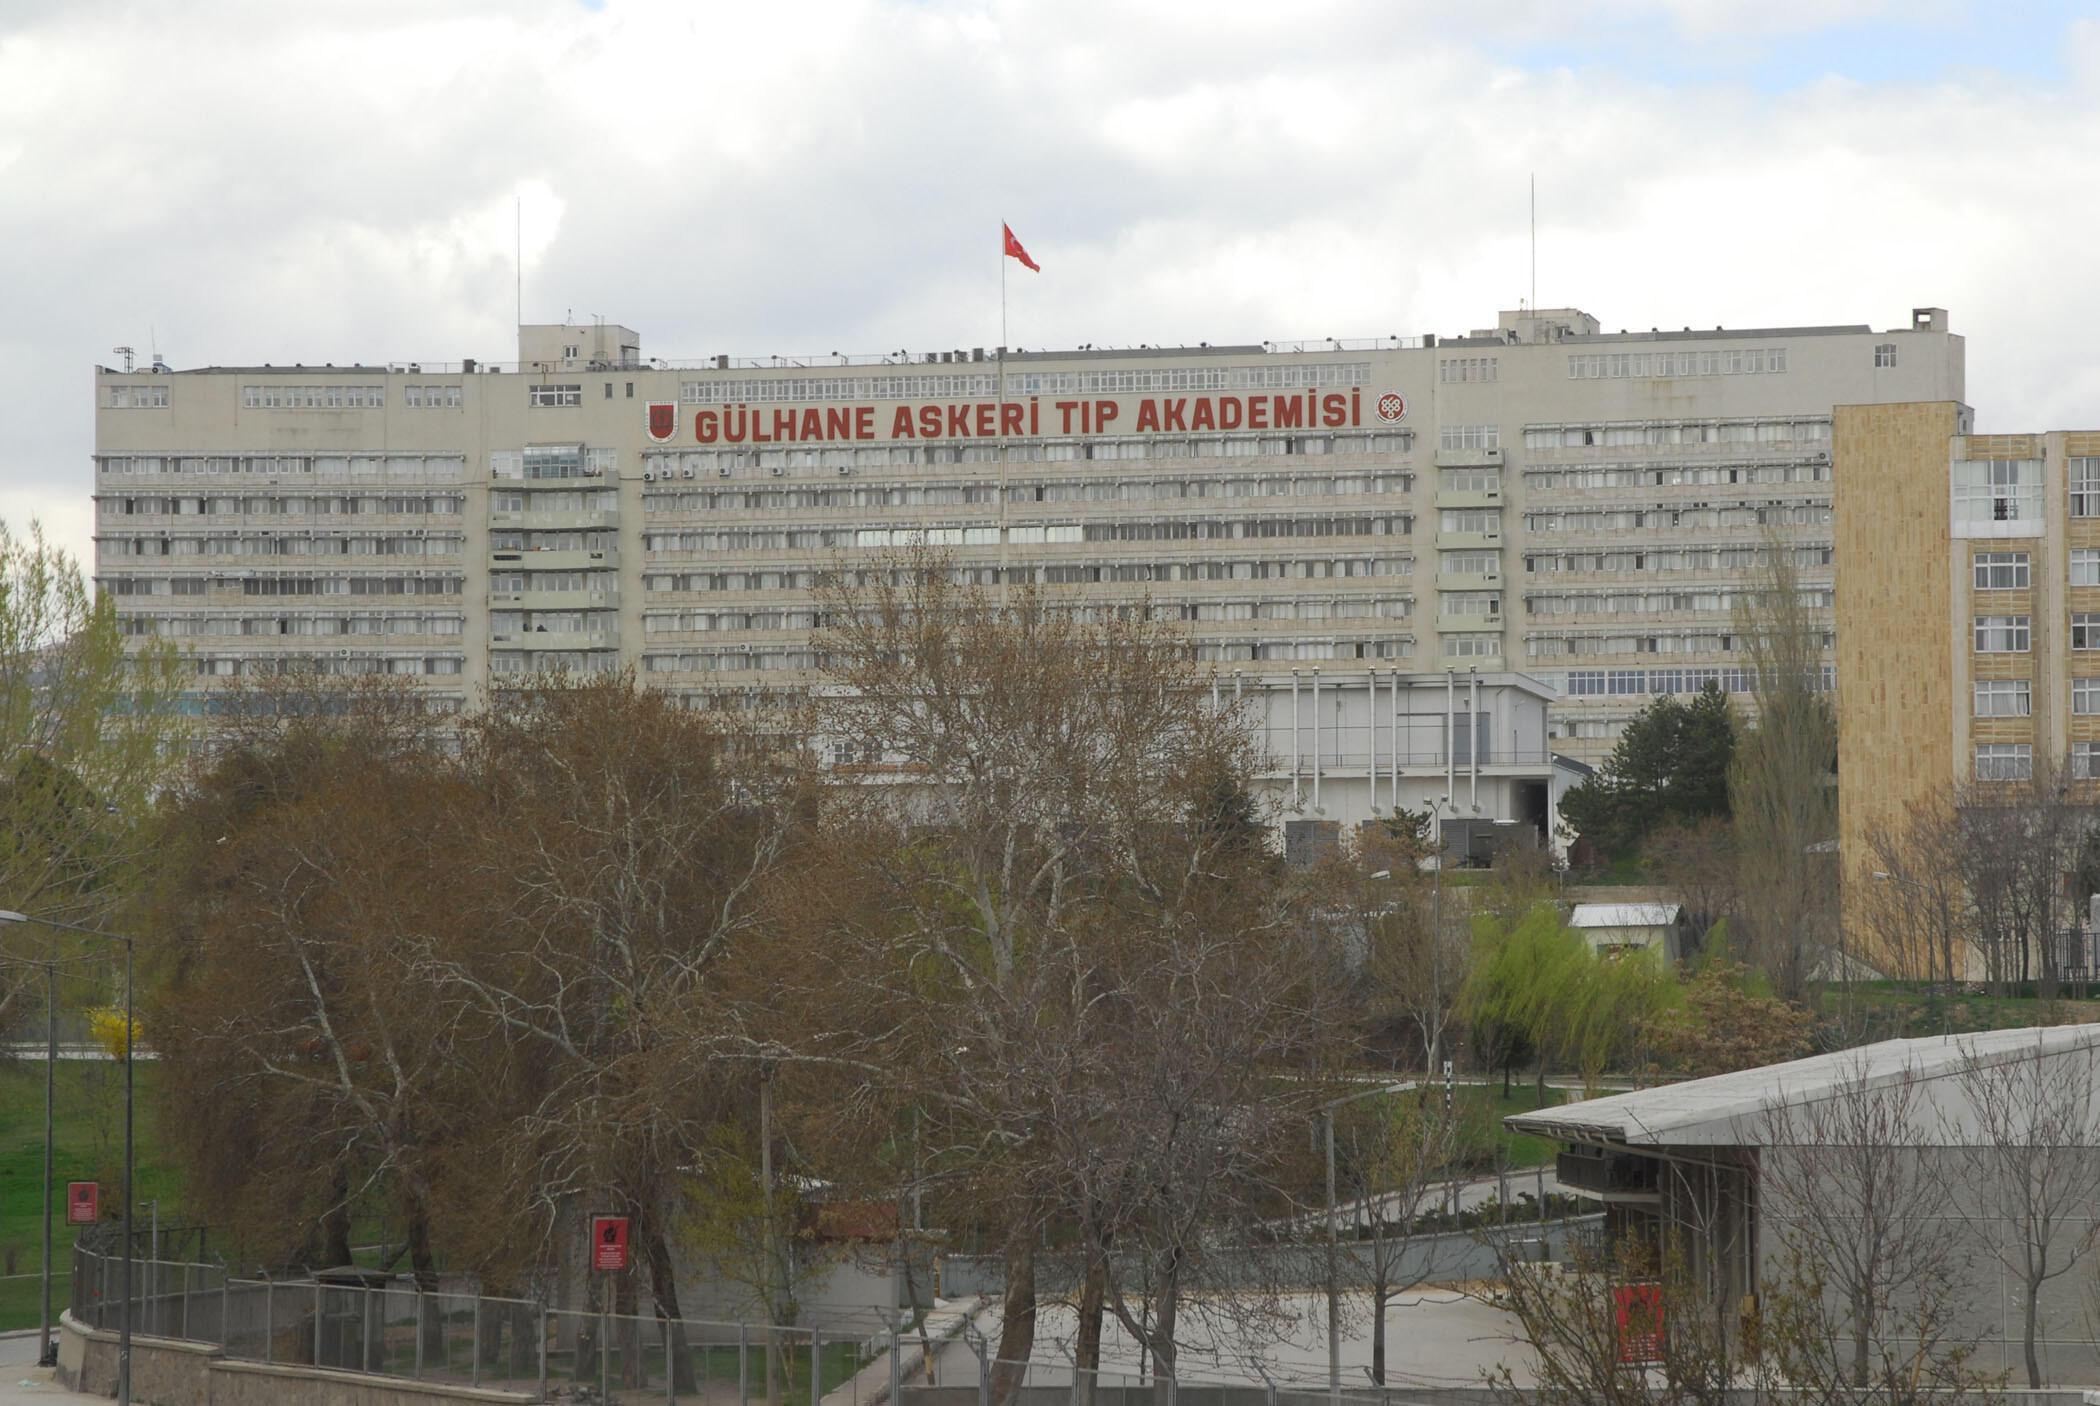 Ankara Haberleri: Kütüphane istasyonu yazı tahtasına döndü 5